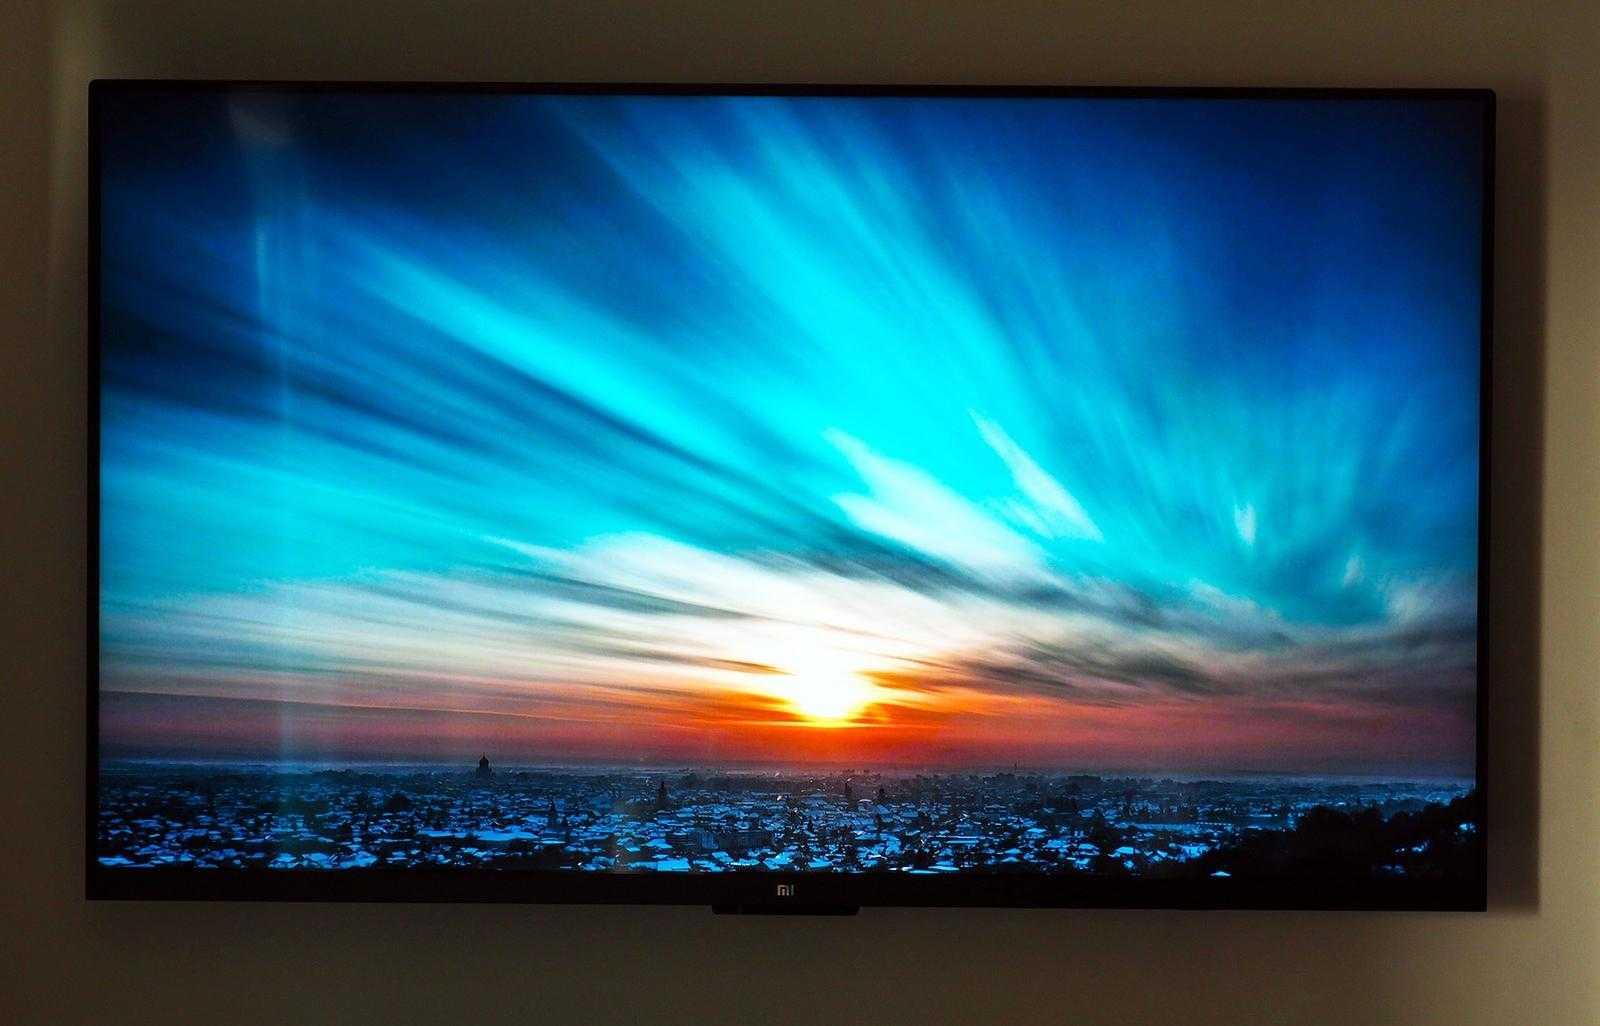 Официальный представитель xiaomi mi tv 4a horizon edition: дизайнерские смарт-телевизоры от 155 €